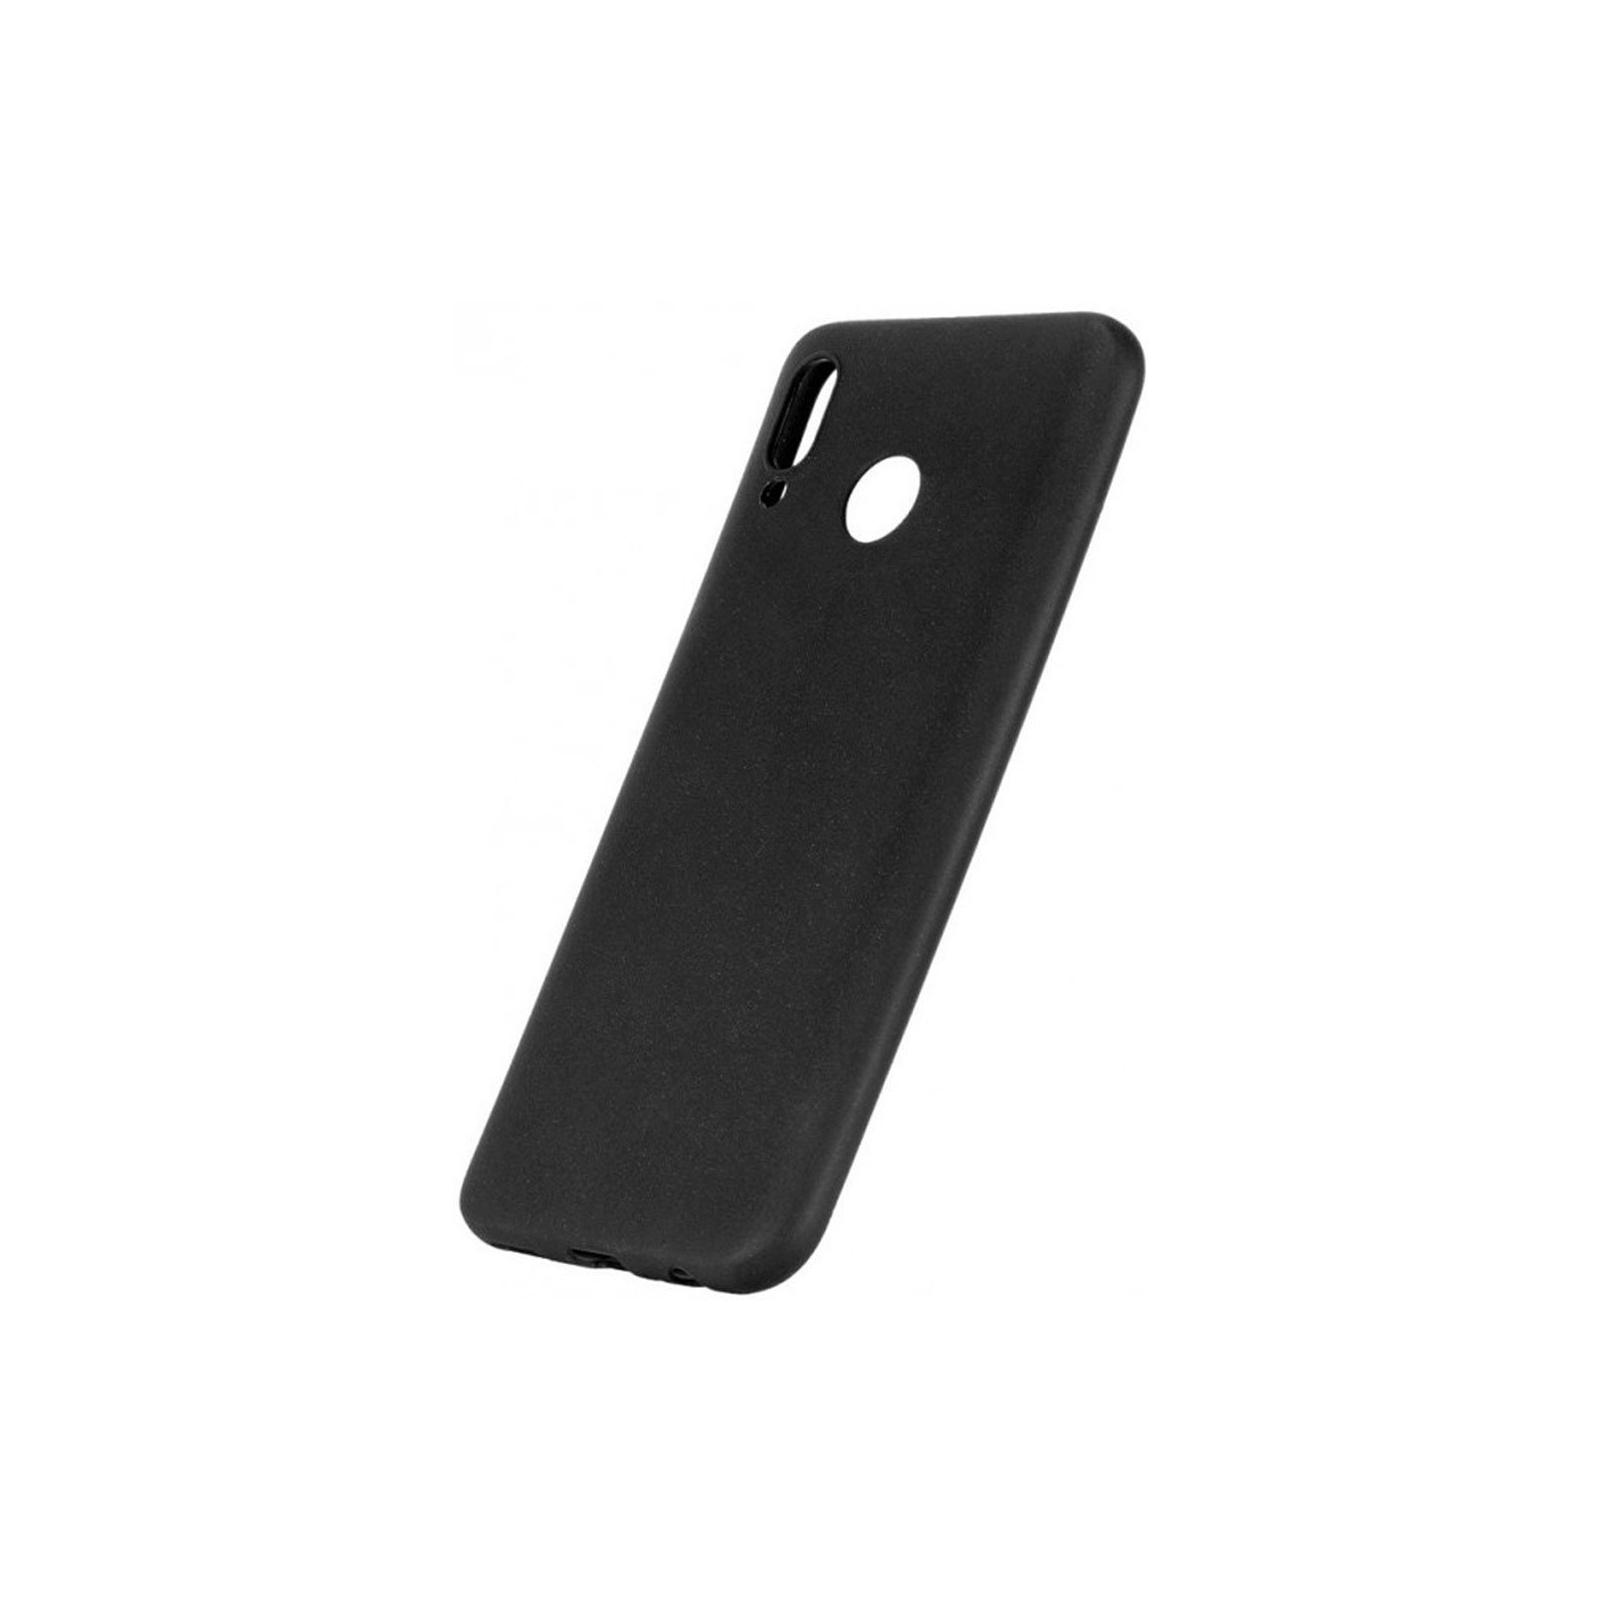 Чехол для моб. телефона ColorWay ColorWay TPU matt для Samsung Galaxy A30 Black (CW-CTMSGA305-BK) изображение 2